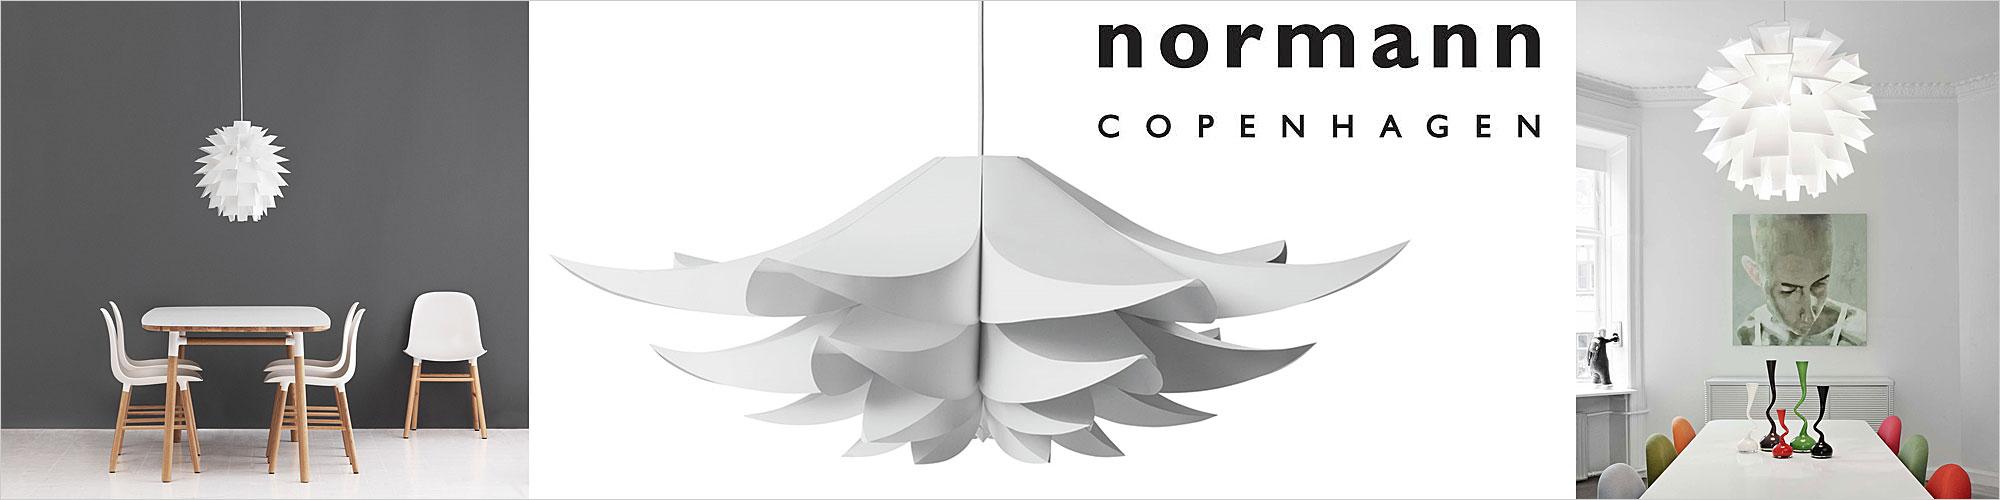 Nordicliving: heel veel cool Scandinavisch design in 1 shop banner 1